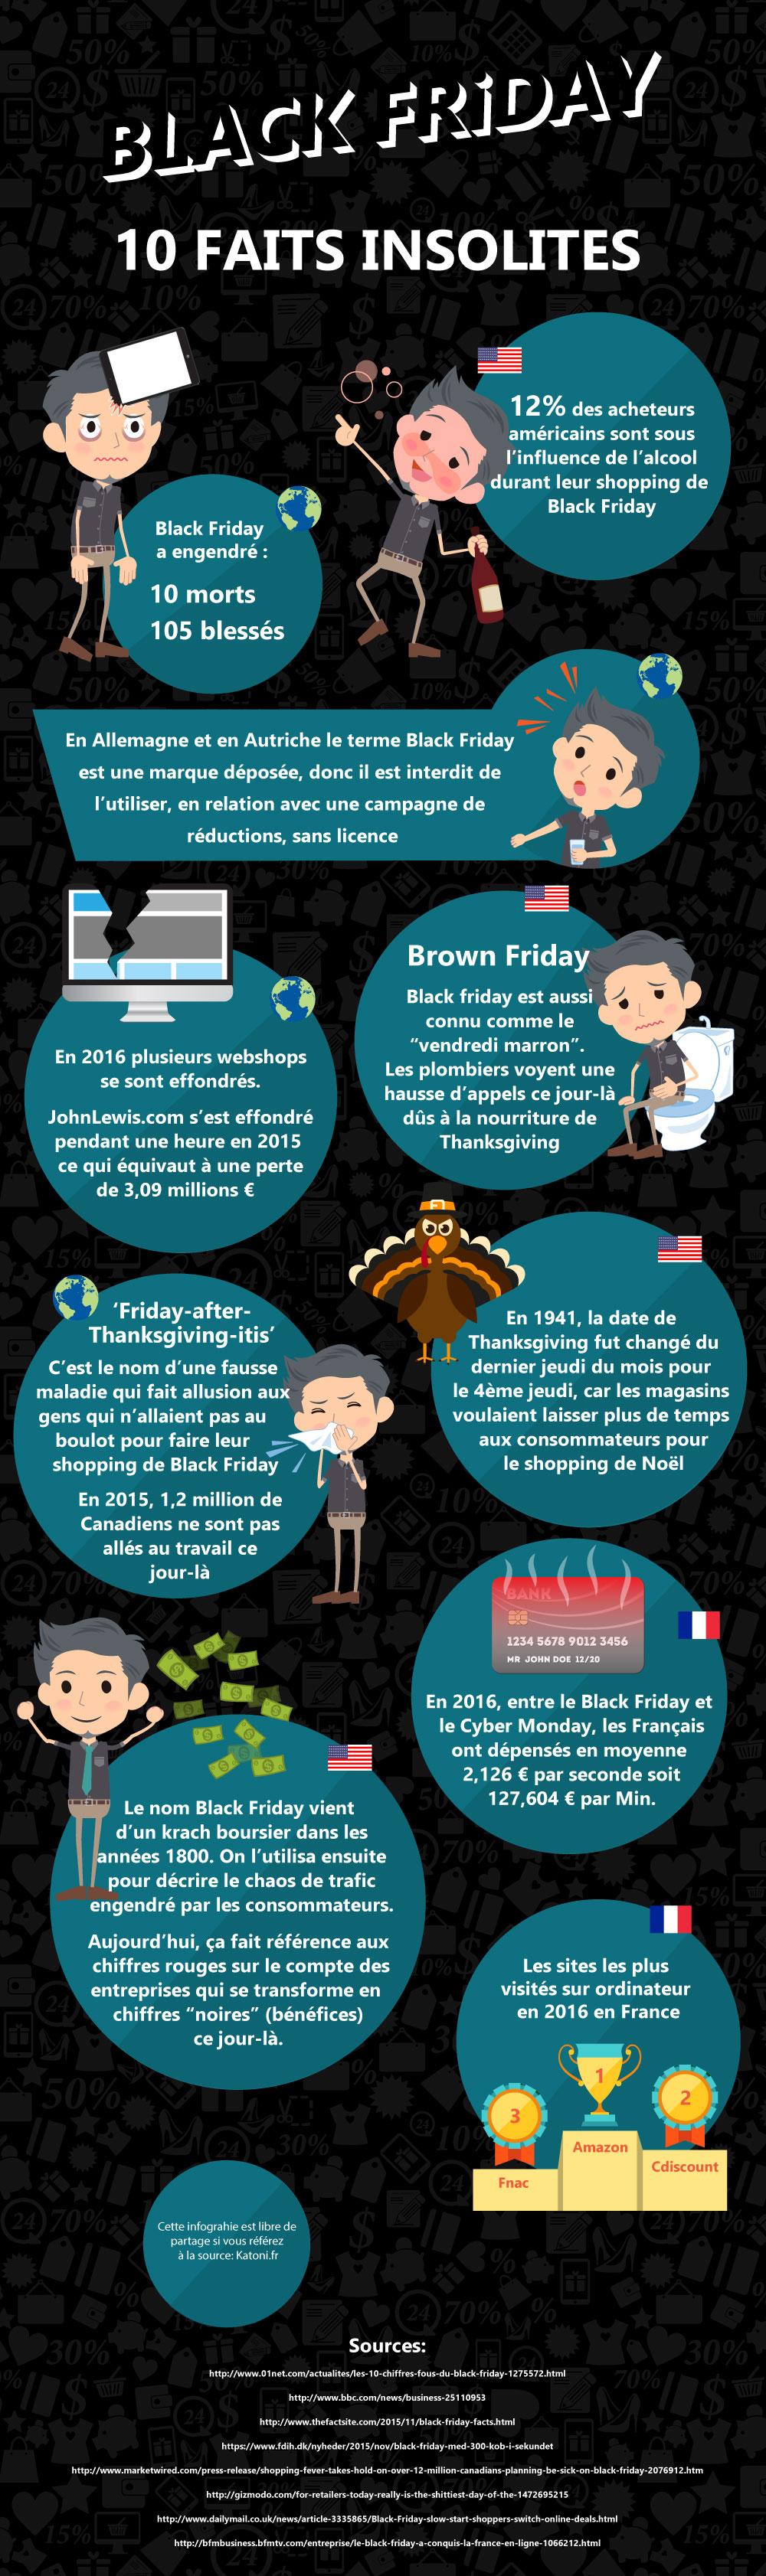 Une infographie avec 10 faits insolites sur Black Friday